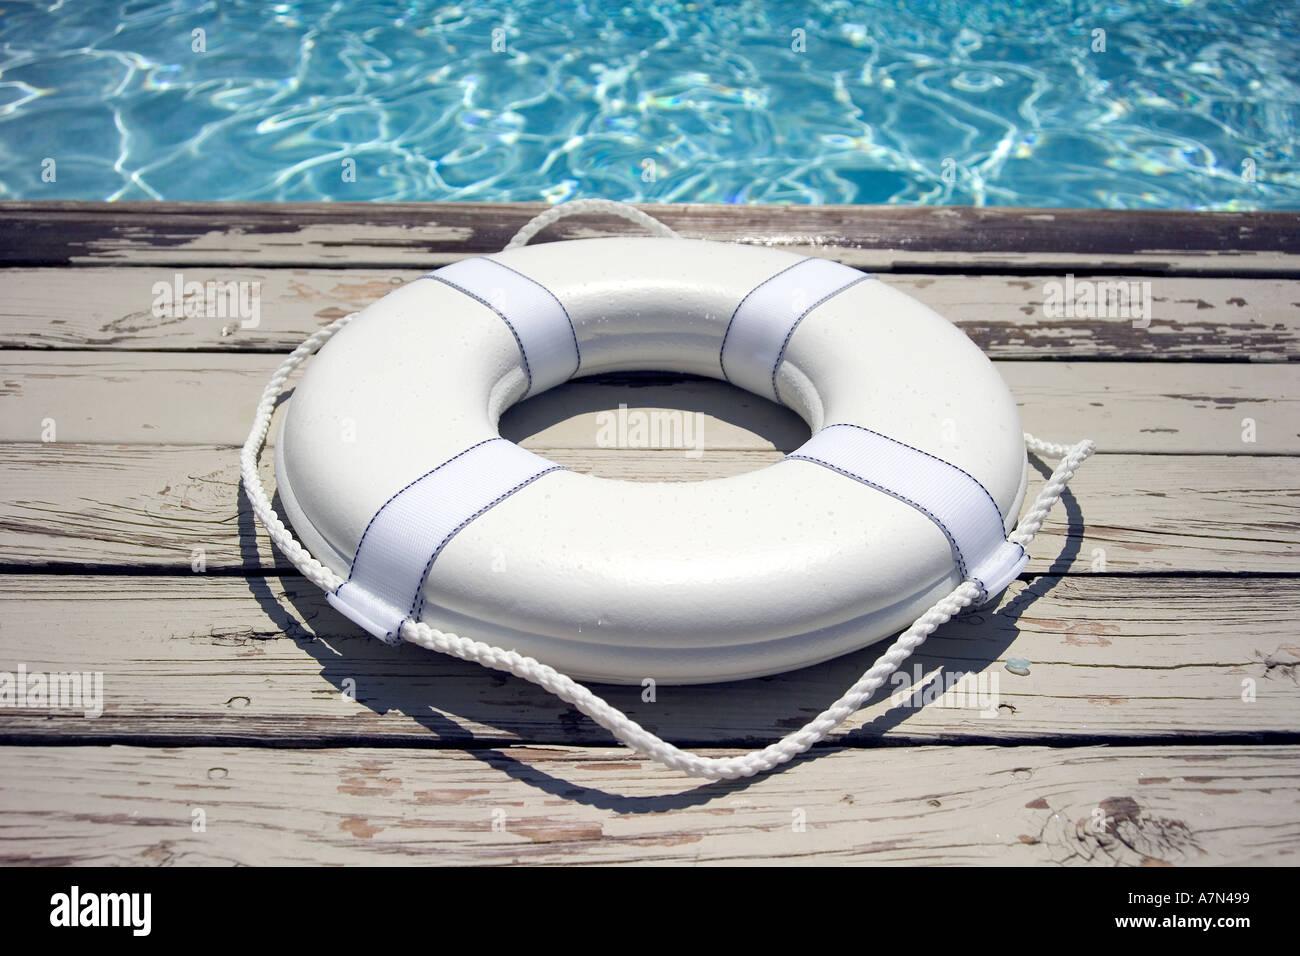 Sauvetage sur plage de piscine gilet Photo Stock